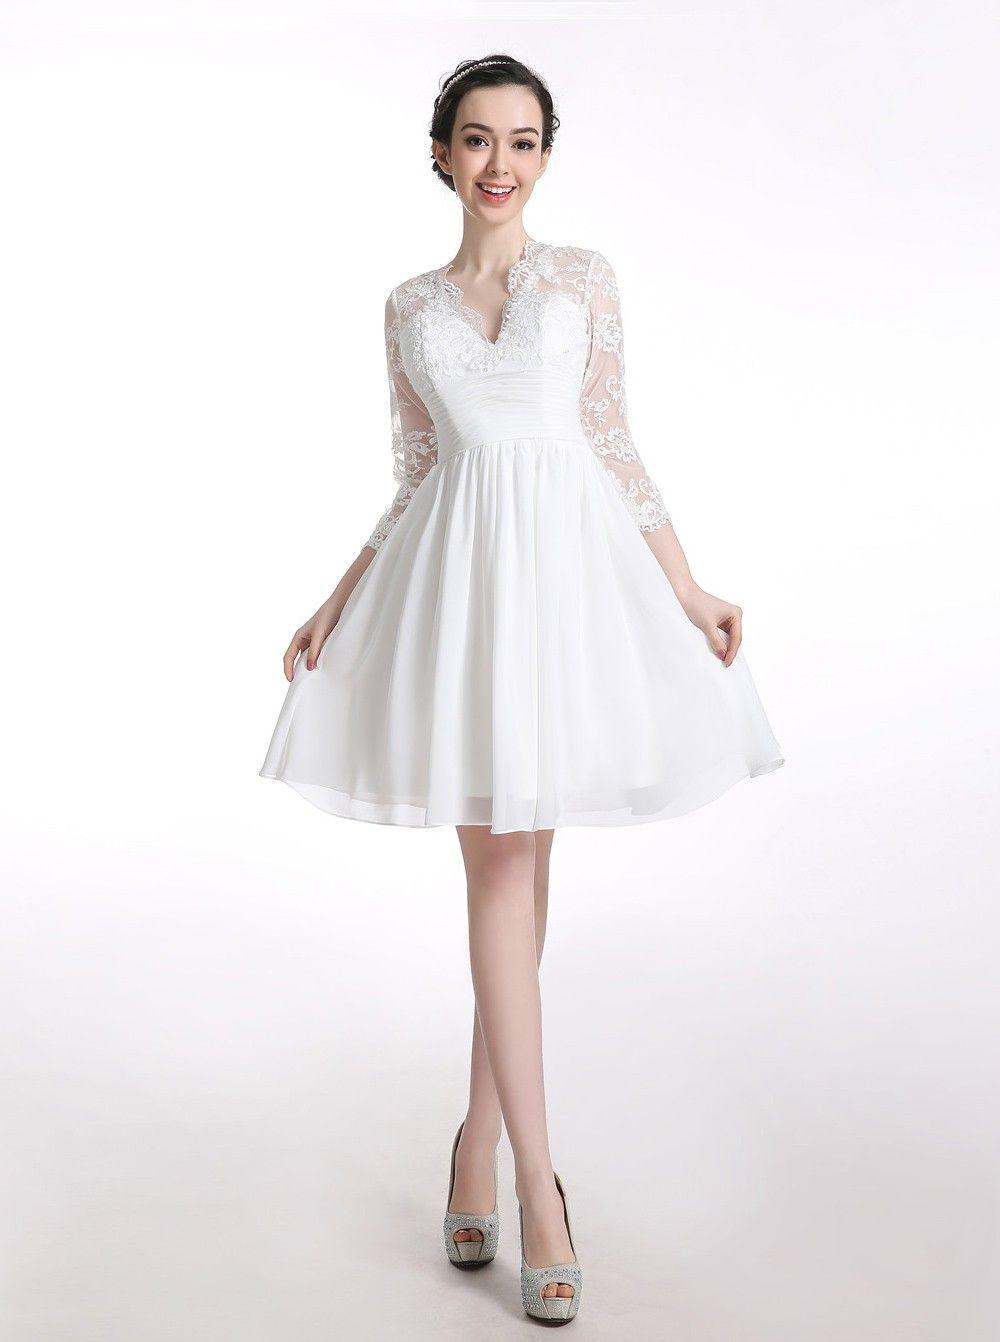 Designer Schön Kleid Weiß Kurz Ärmel15 Schön Kleid Weiß Kurz Vertrieb